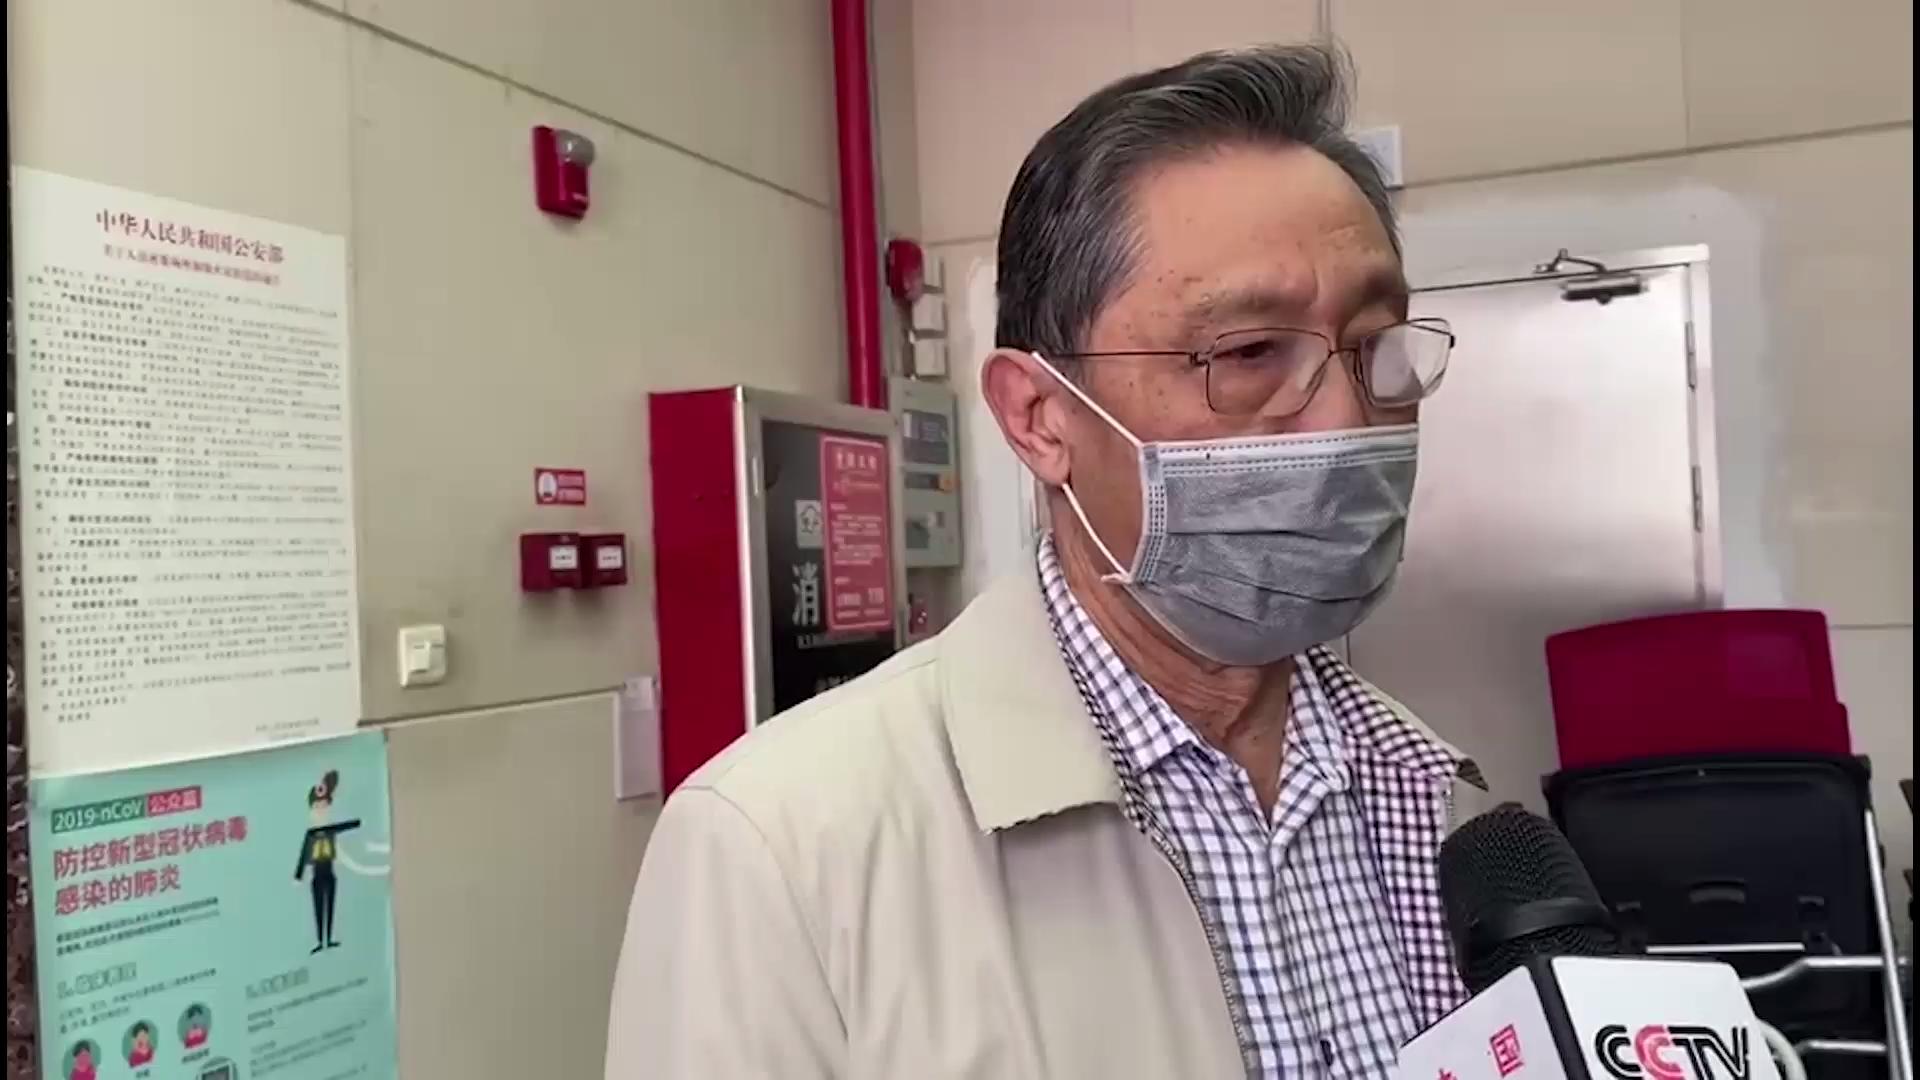 粪口会传播新型冠状病毒吗?钟南山回应了